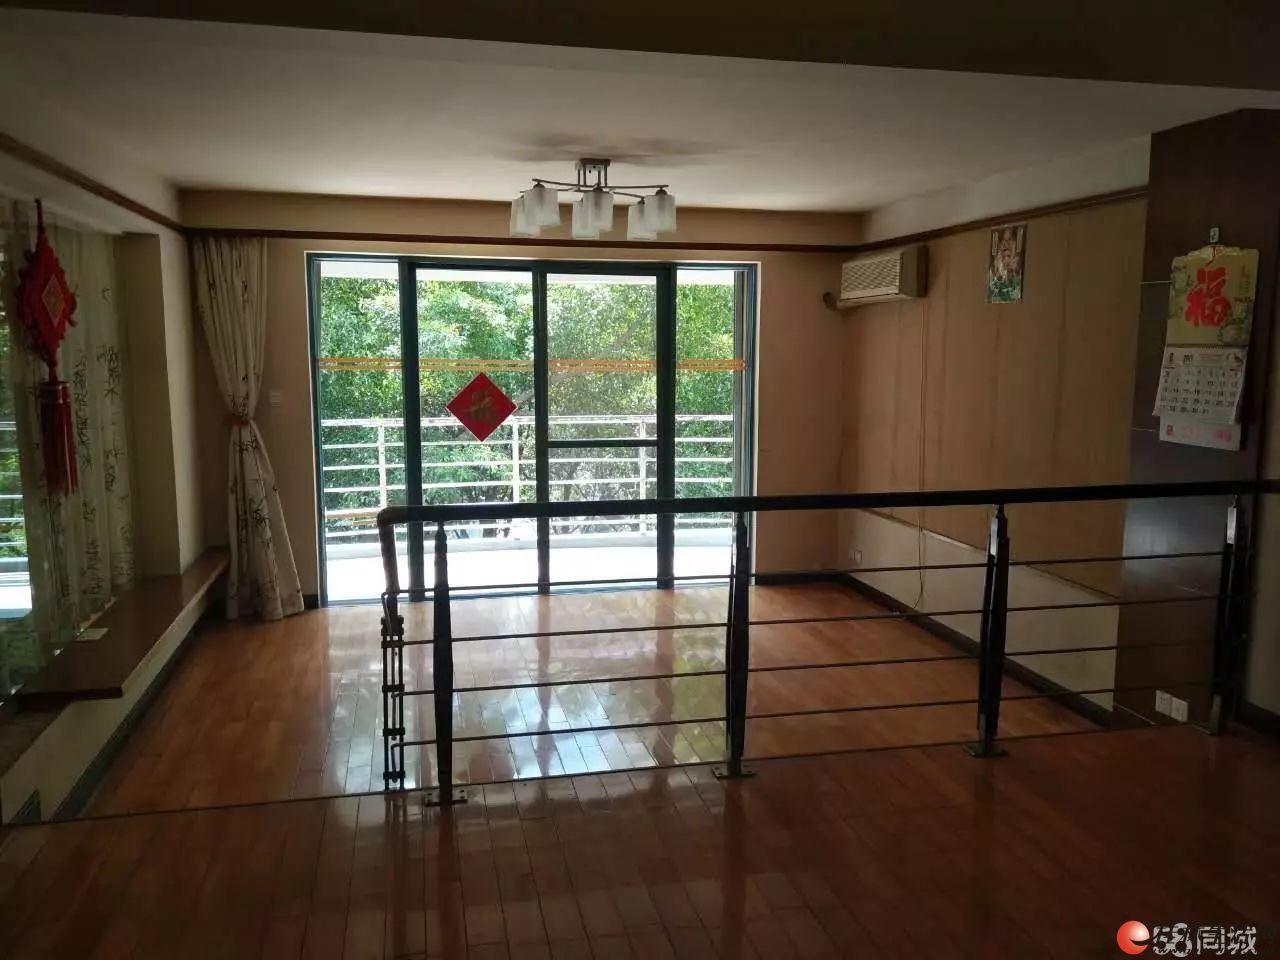 翠竹路 彰泰鸣翠新都 电梯房126平3房2厅2卫仅售88万